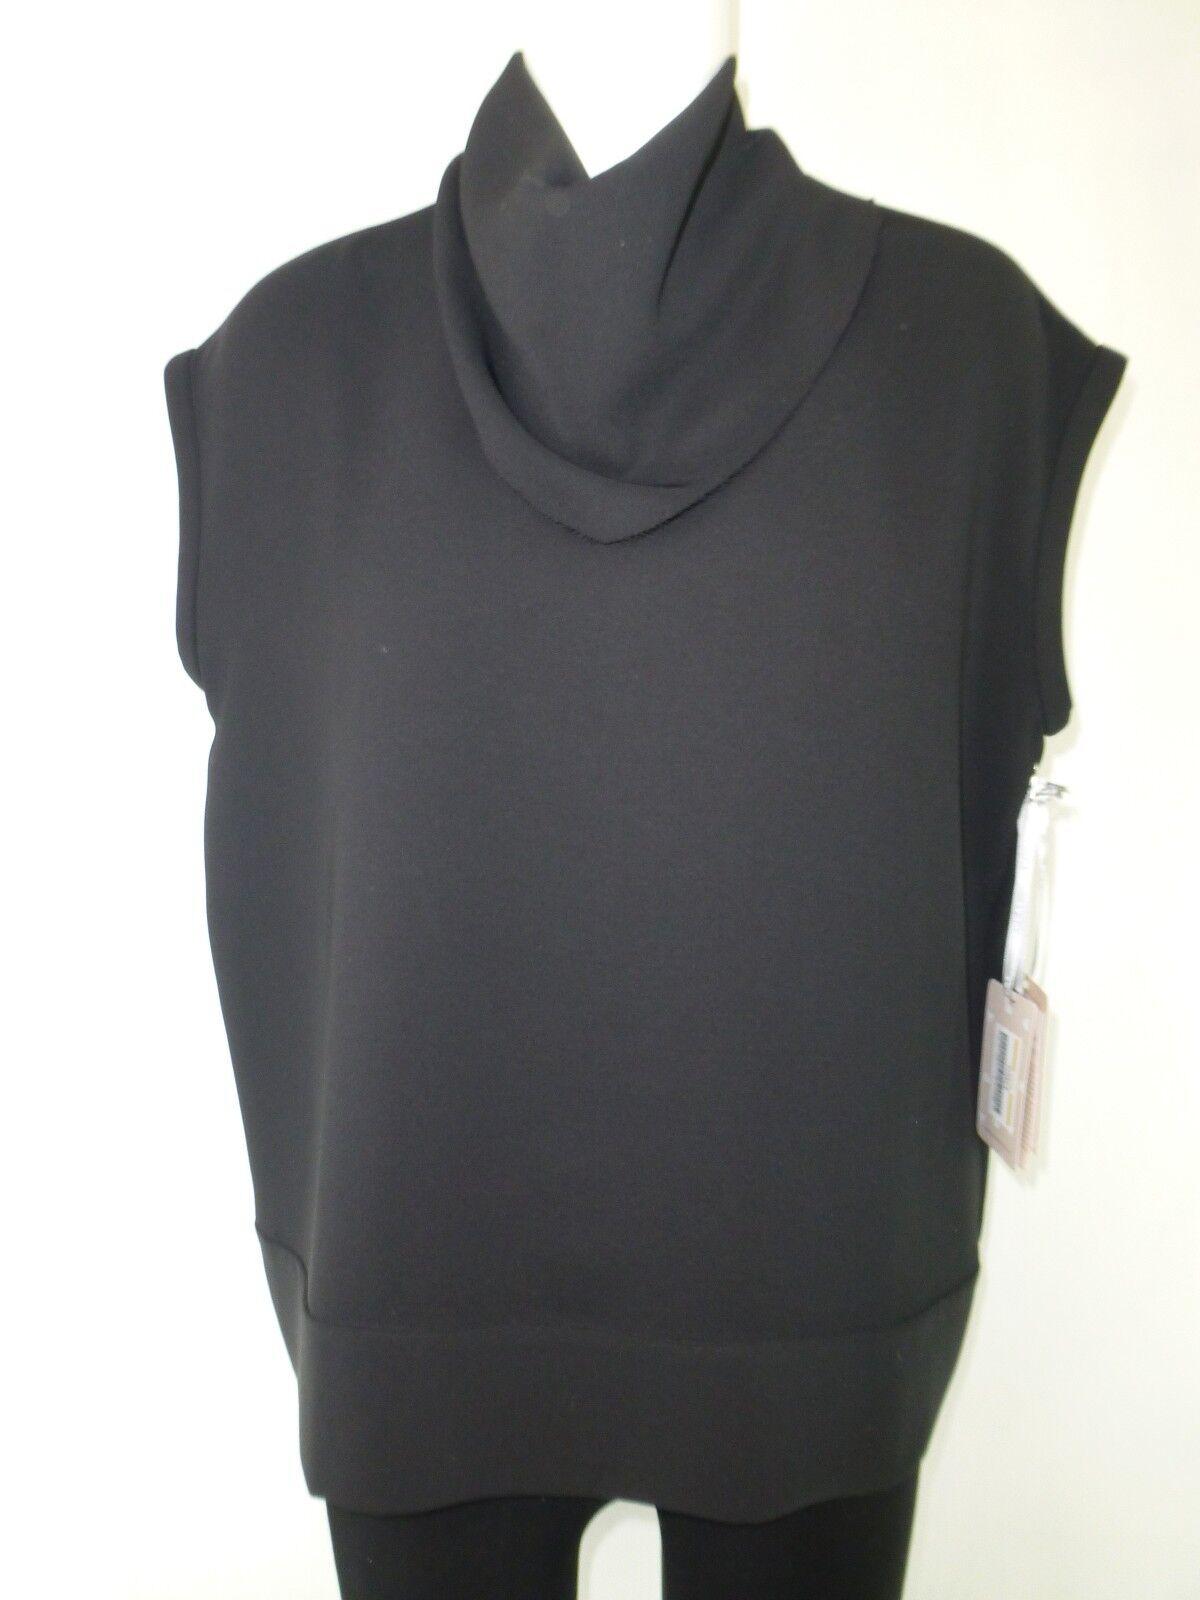 DTLM by REPEAT Damen Shirt 36 Schwarz Rollkragen Ärmellos Polyester NP 109 NEU